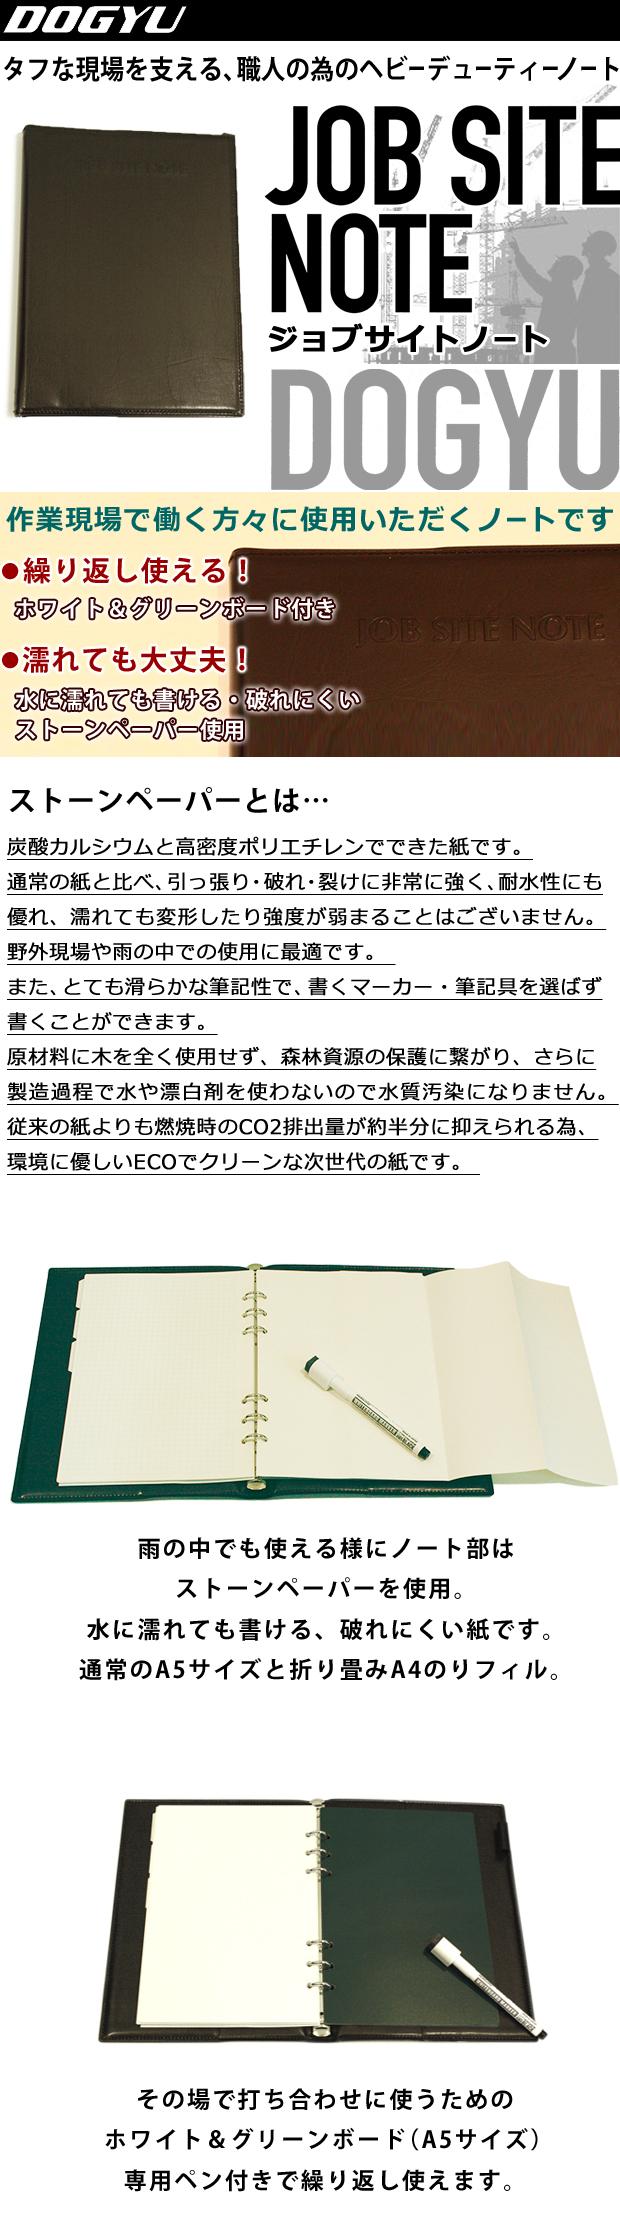 土牛 現場用新素材ノート JOB SITE NOTE